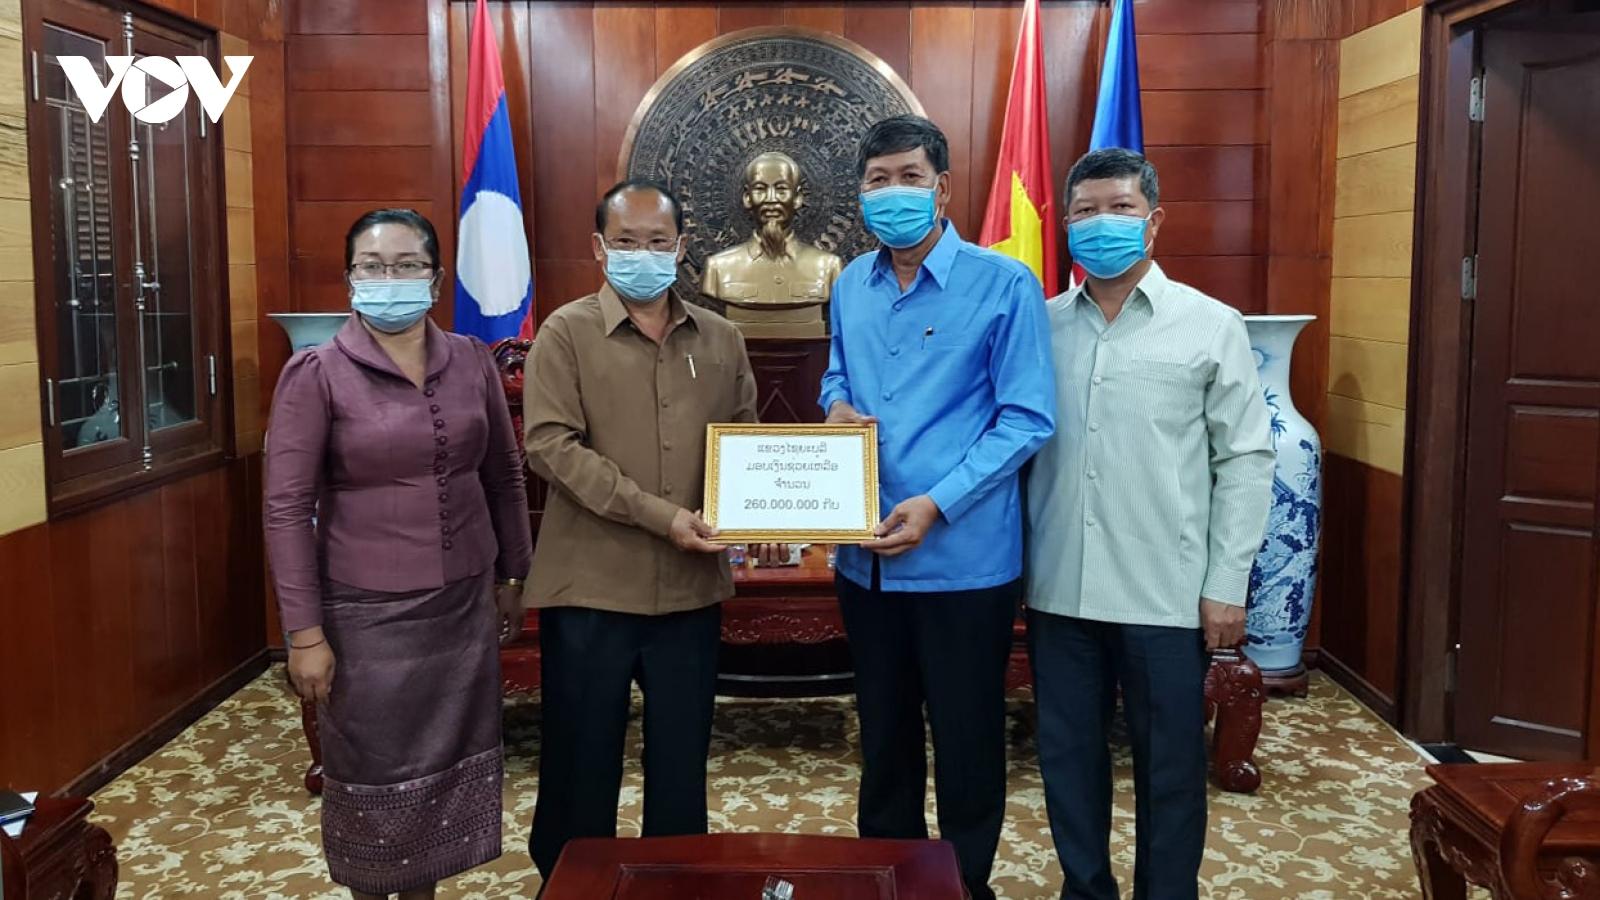 Lào ủng hộ các tỉnh miền bắc Việt Nam chống dịch